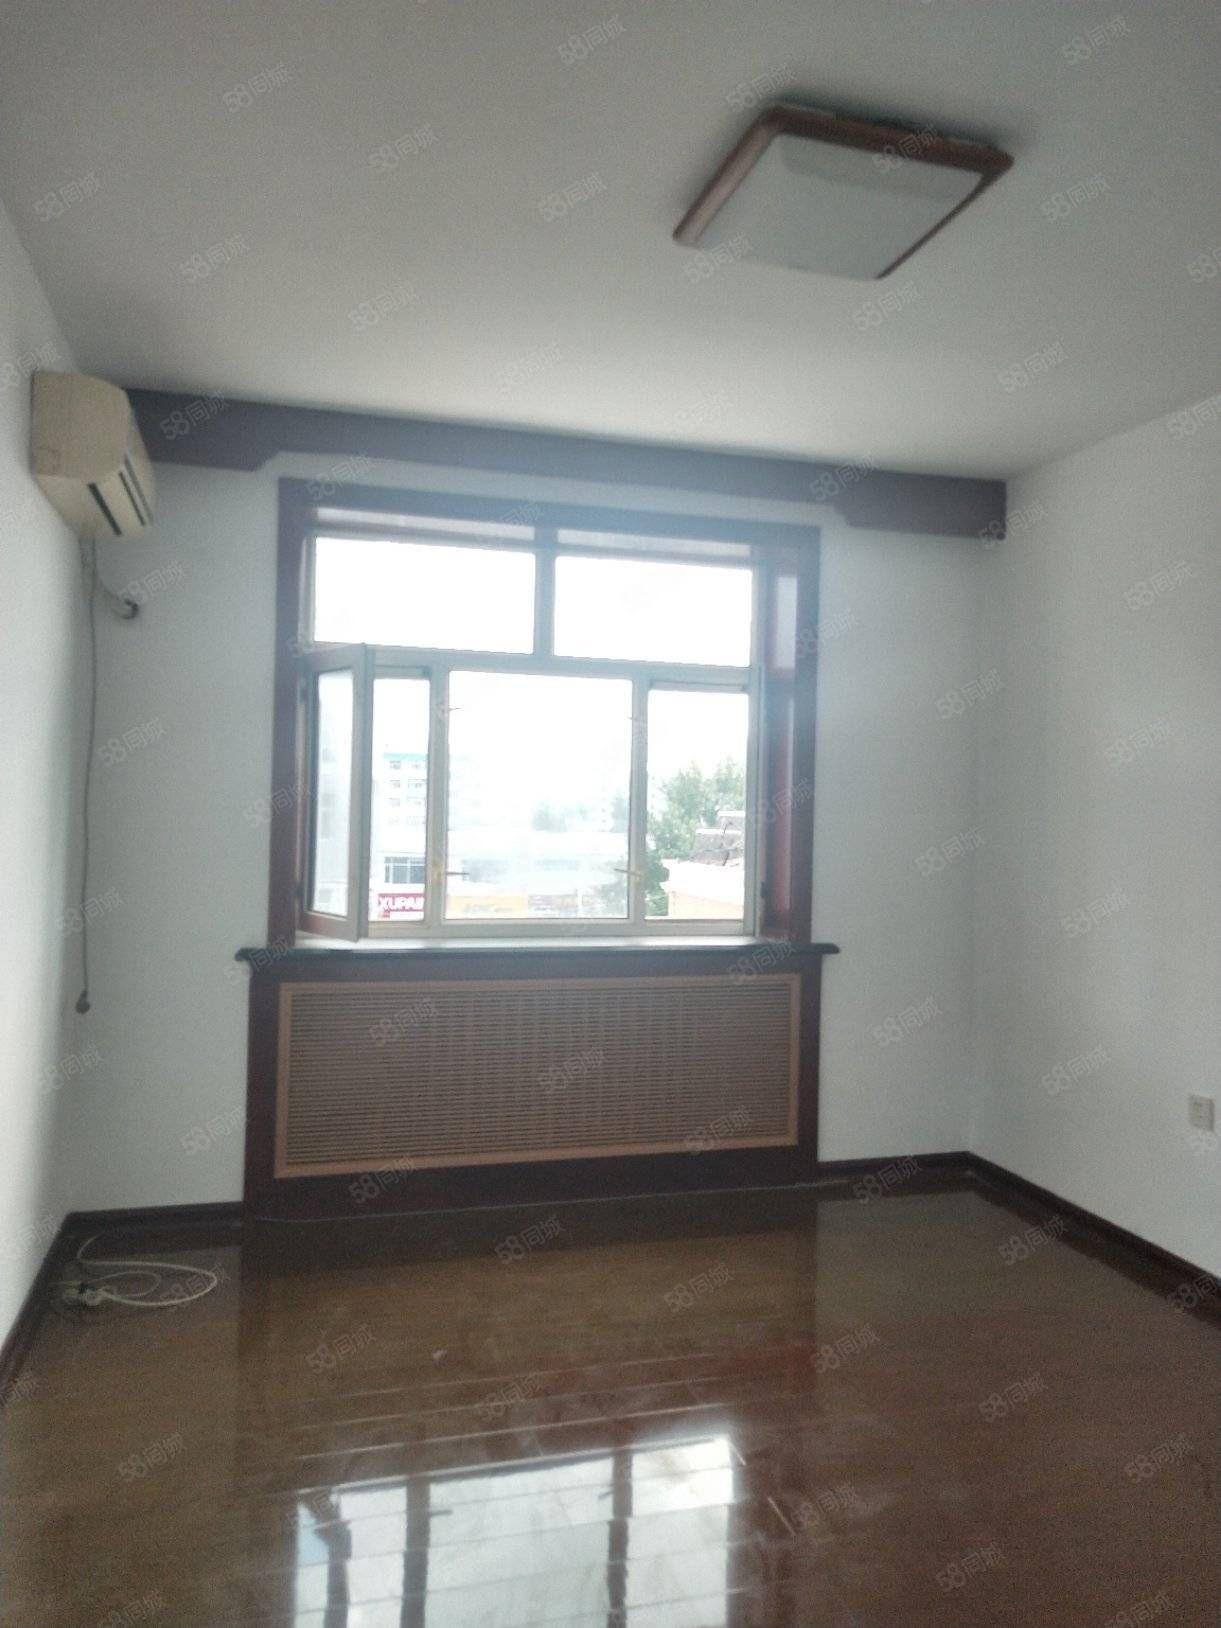 東市場小區正五樓南北通透兩室一廳一衛房子嘎嘎板正二馬路三中